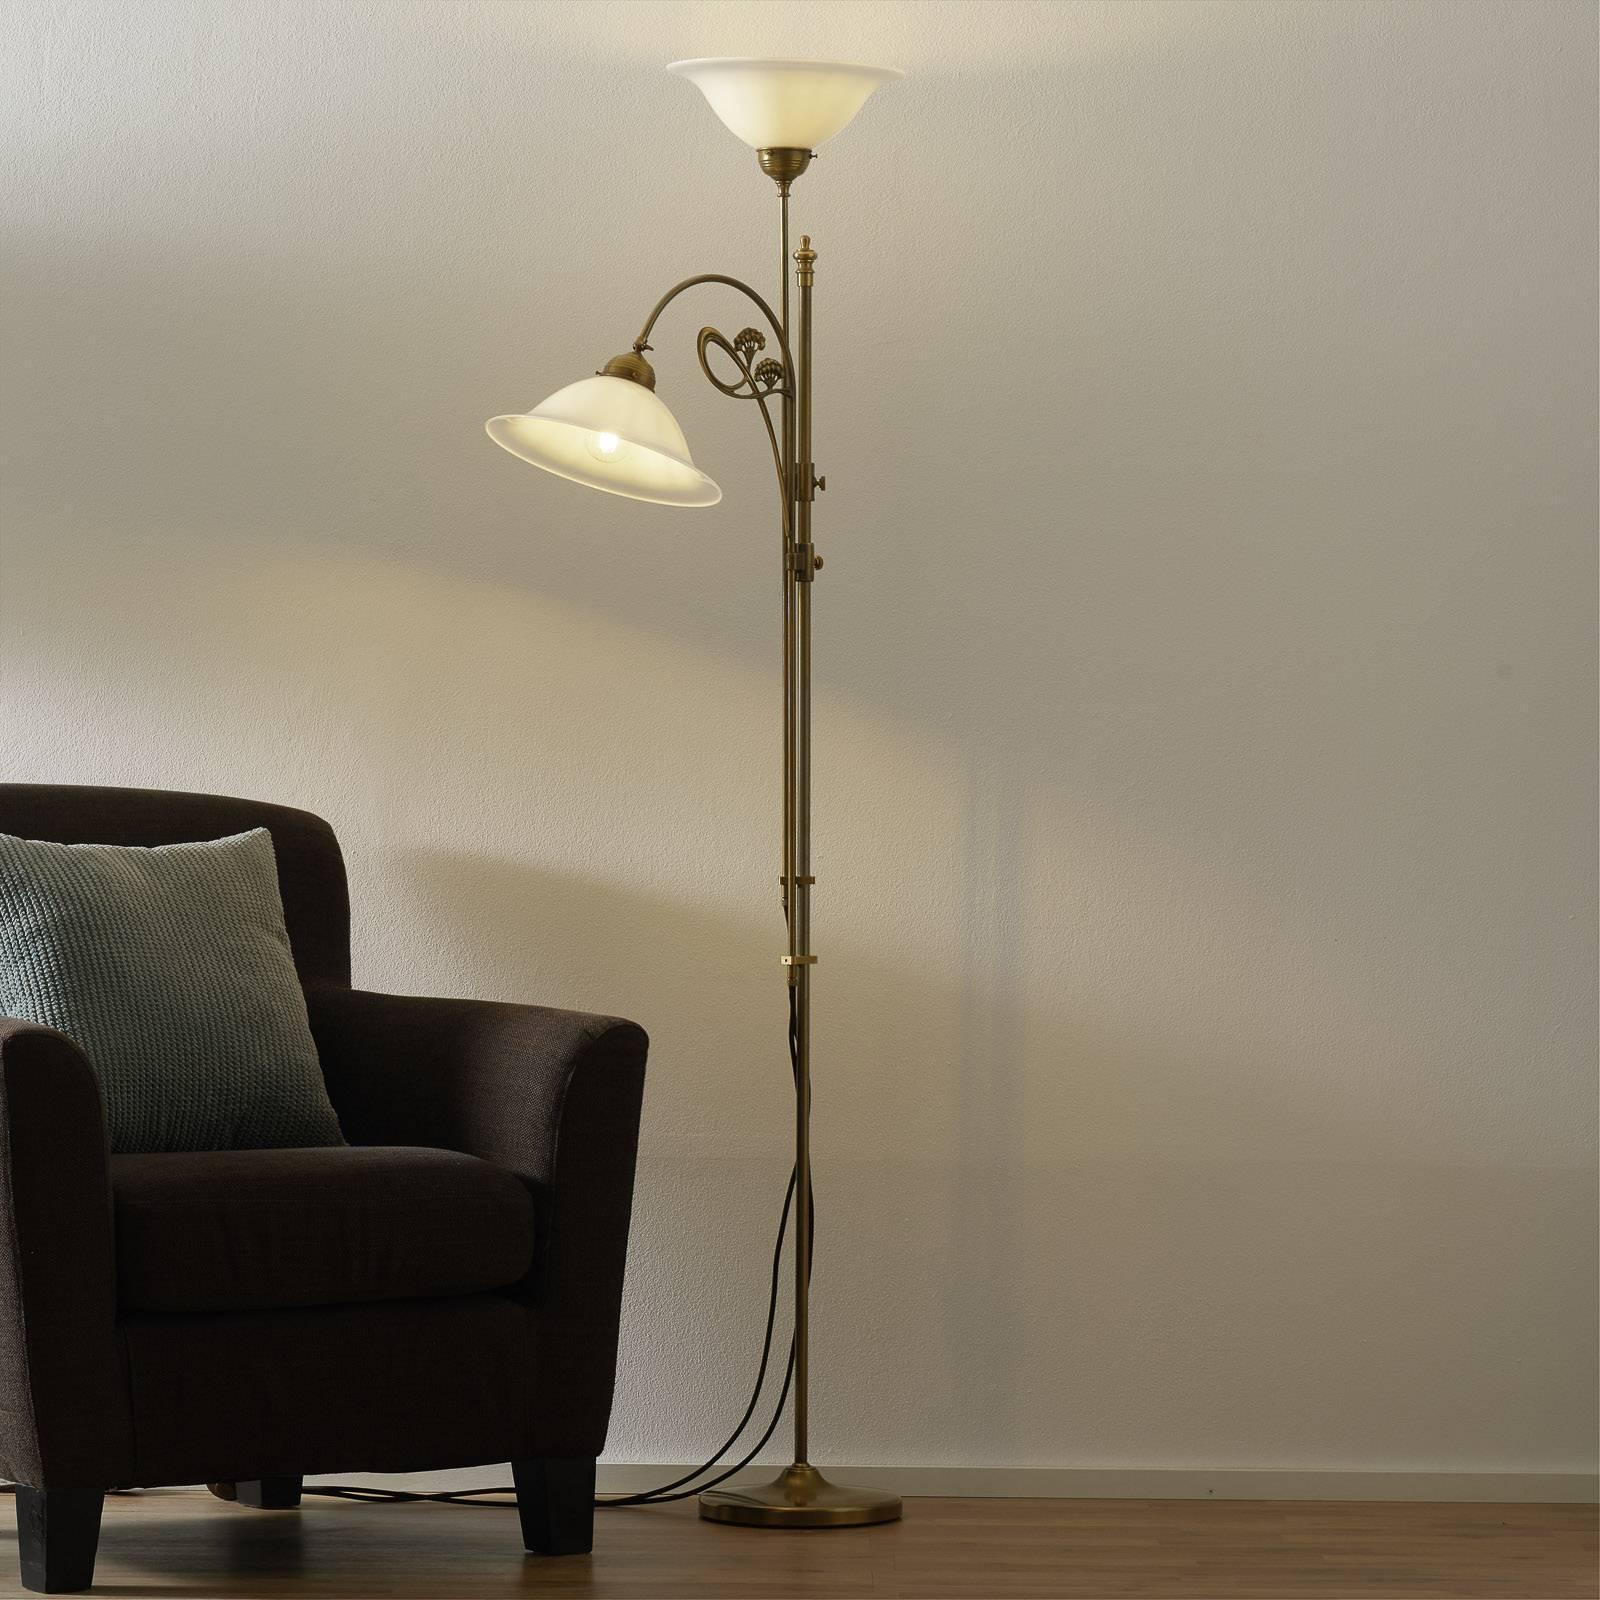 Messinkinen Alwine-lattiavalaisin, kaksilamppuinen